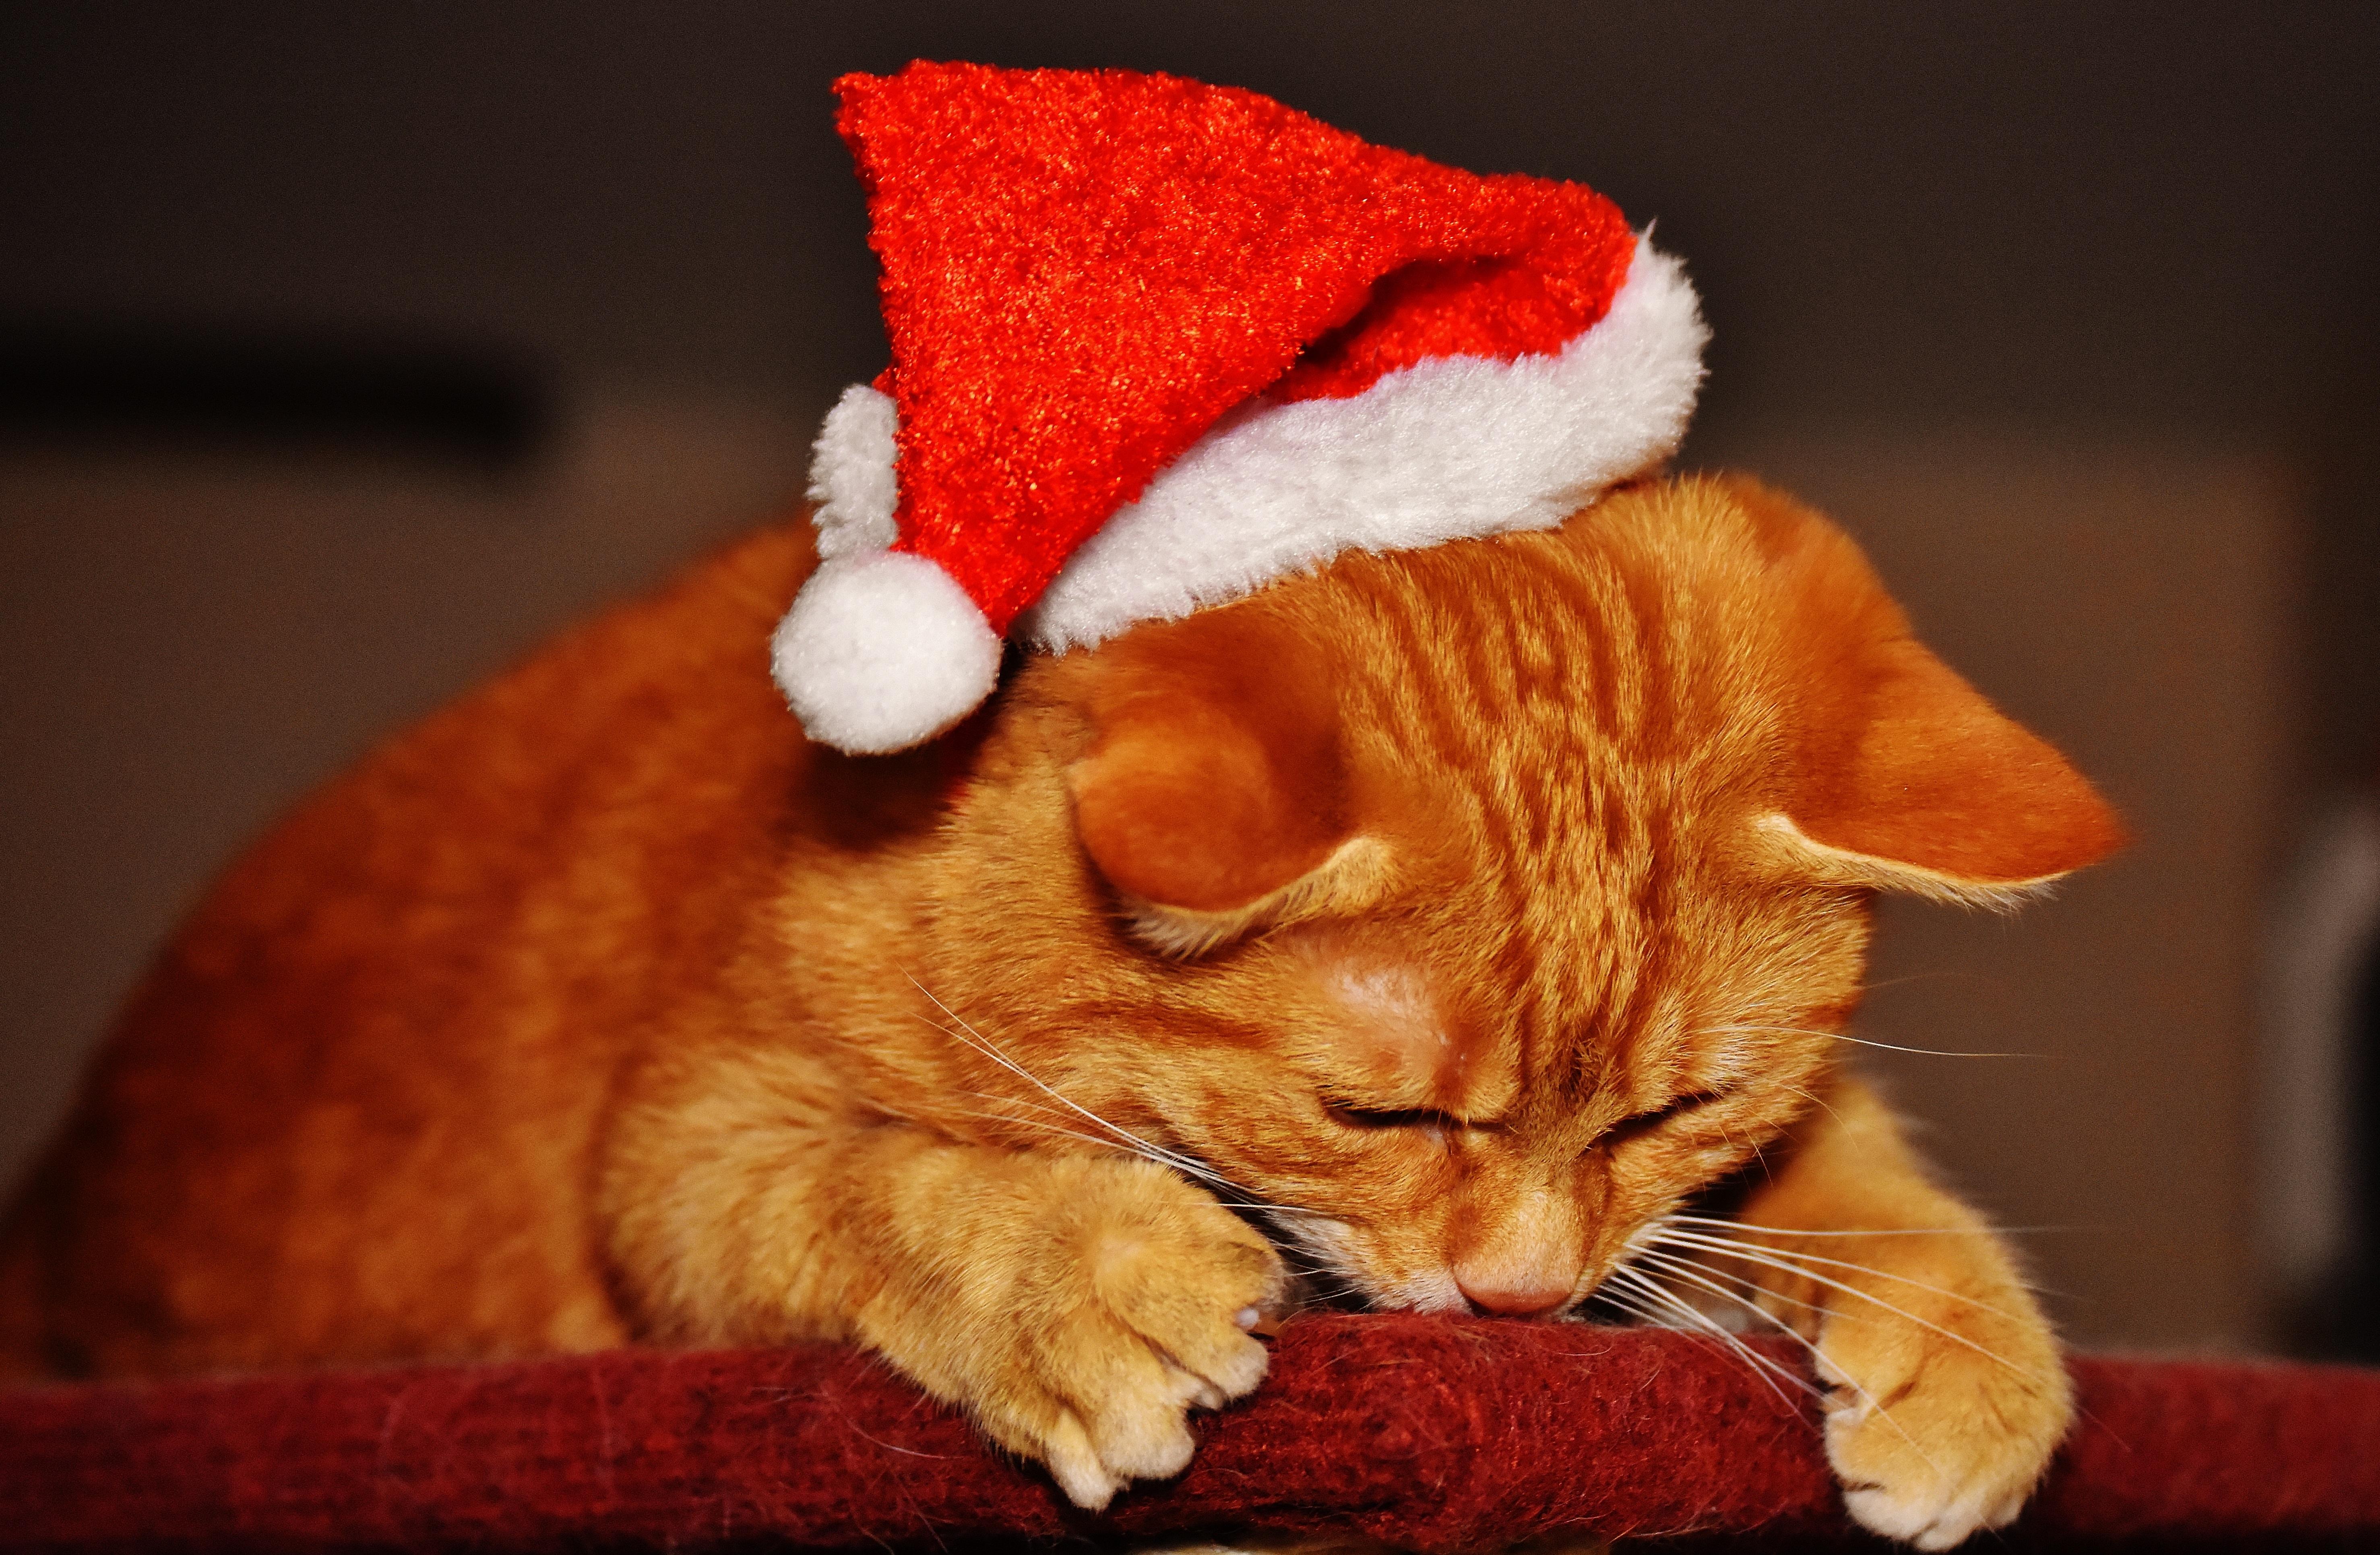 123345 Hintergrundbild herunterladen Tiere, Neujahr, Weihnachtsmann, Der Kater, Katze, Neues Jahr, Deckel, Cap - Bildschirmschoner und Bilder kostenlos